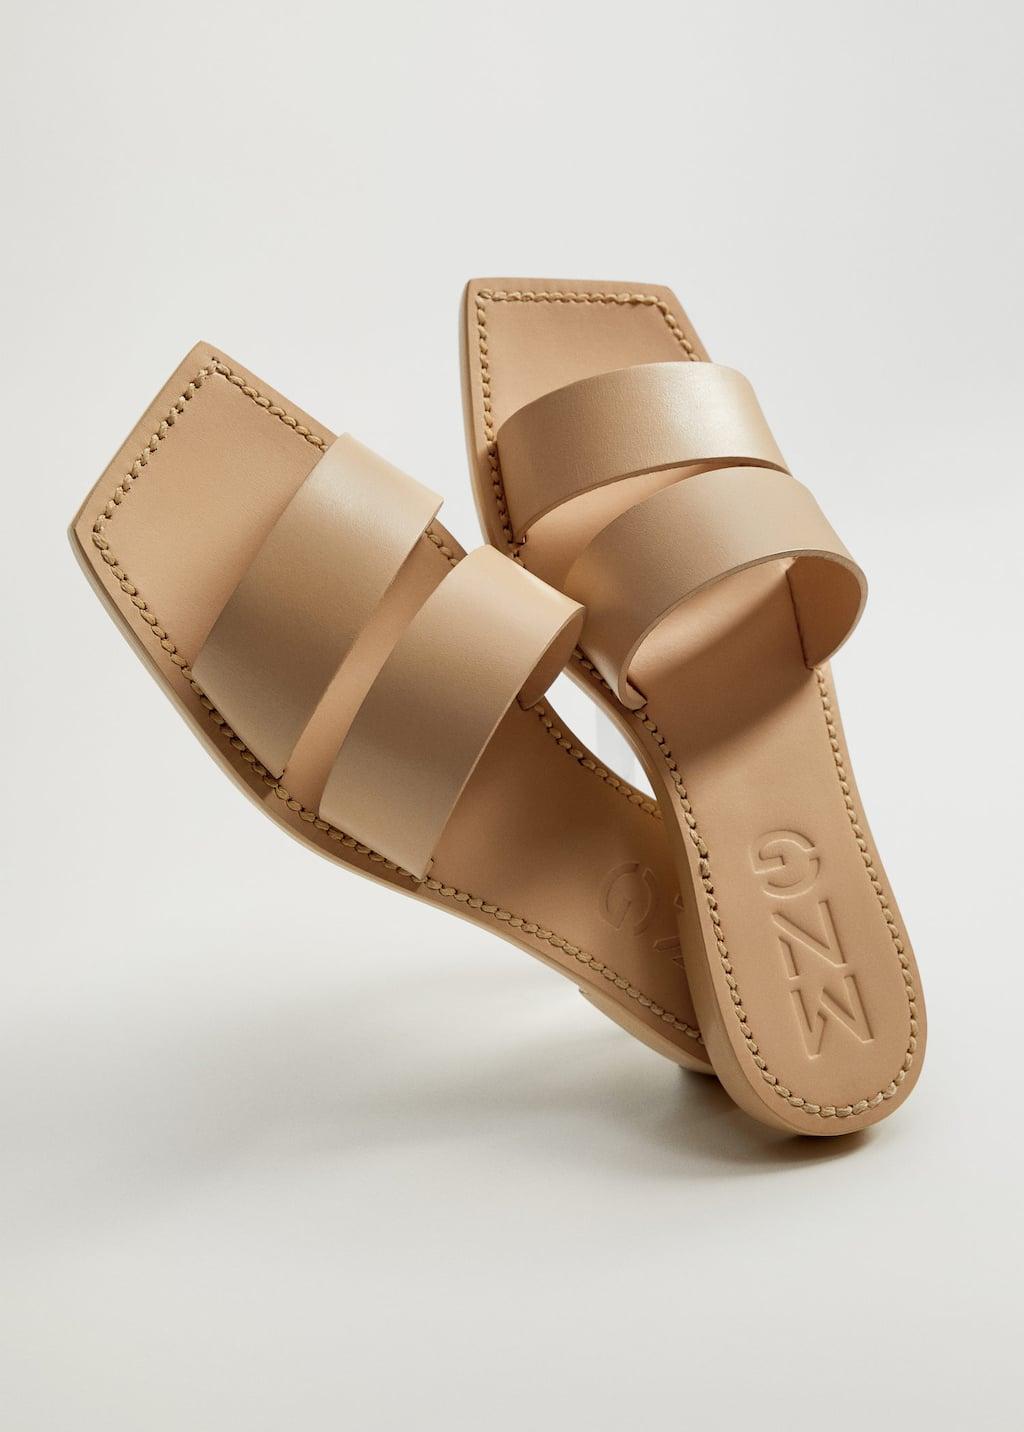 Leather straps sandals - Medium plane